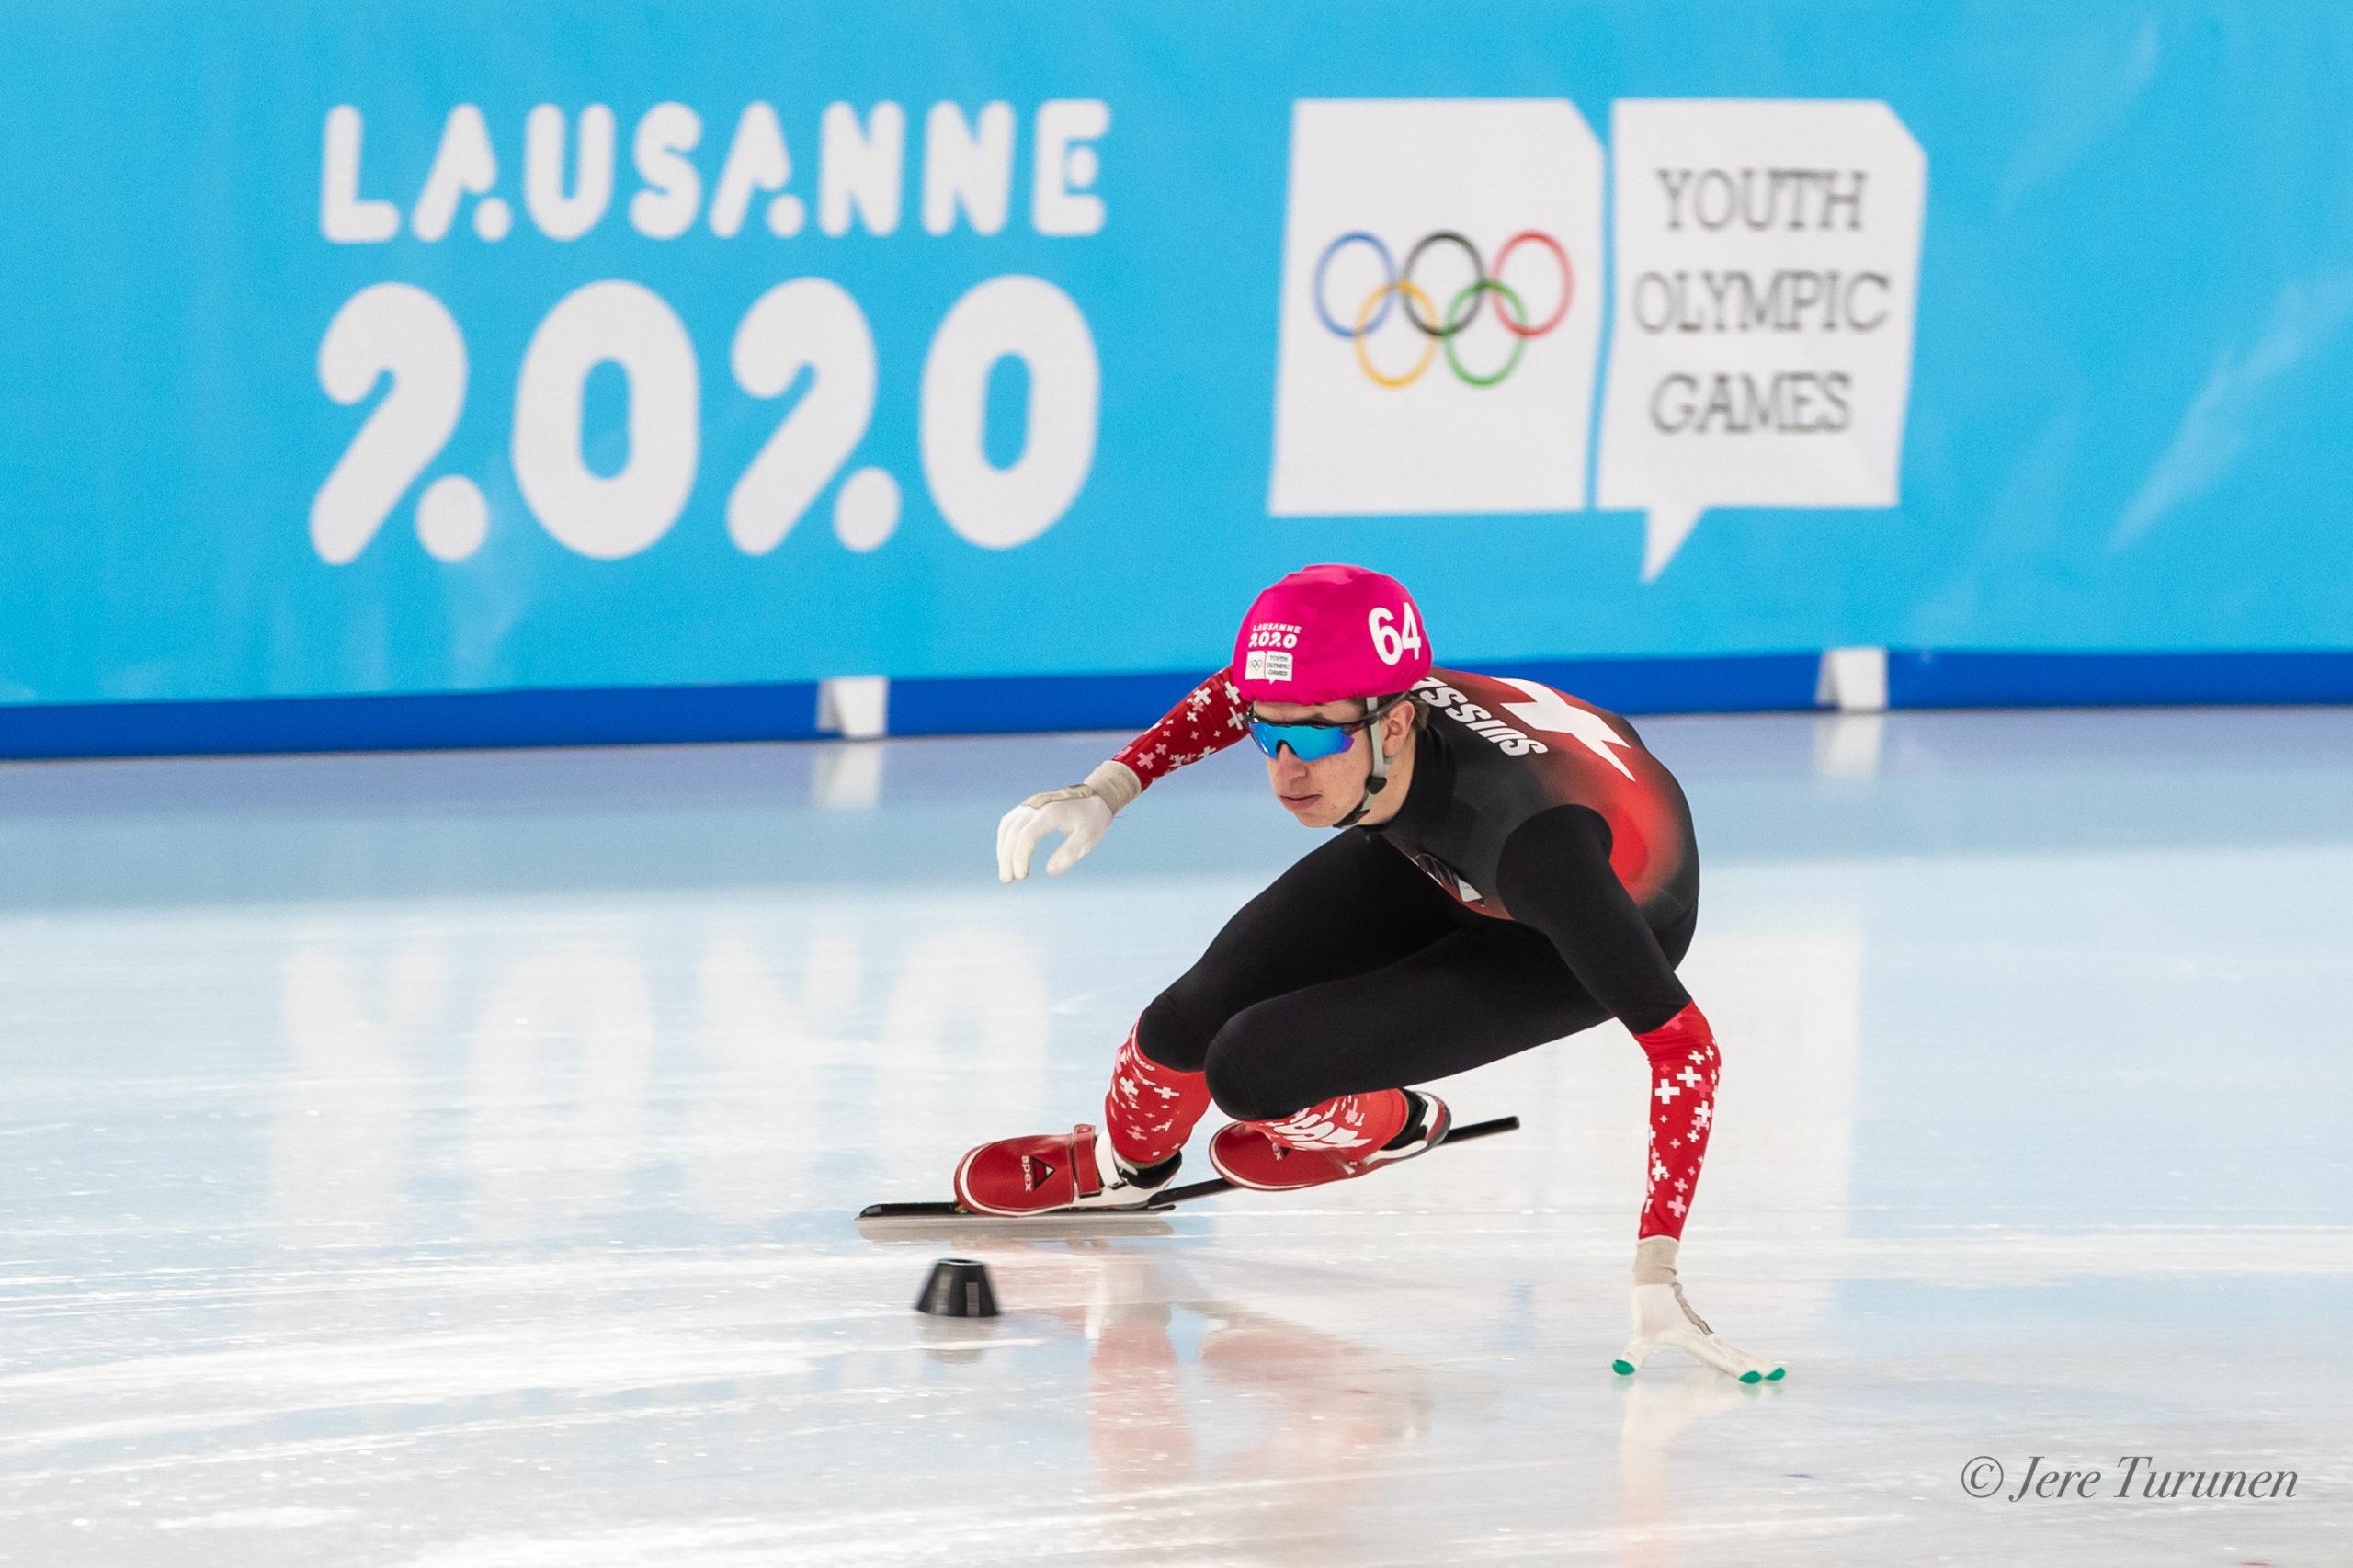 Thibault Métraux lors de sa course Short Track durant les Jeux Olympiques de la Jeunesse 2020 à Malley 2.0